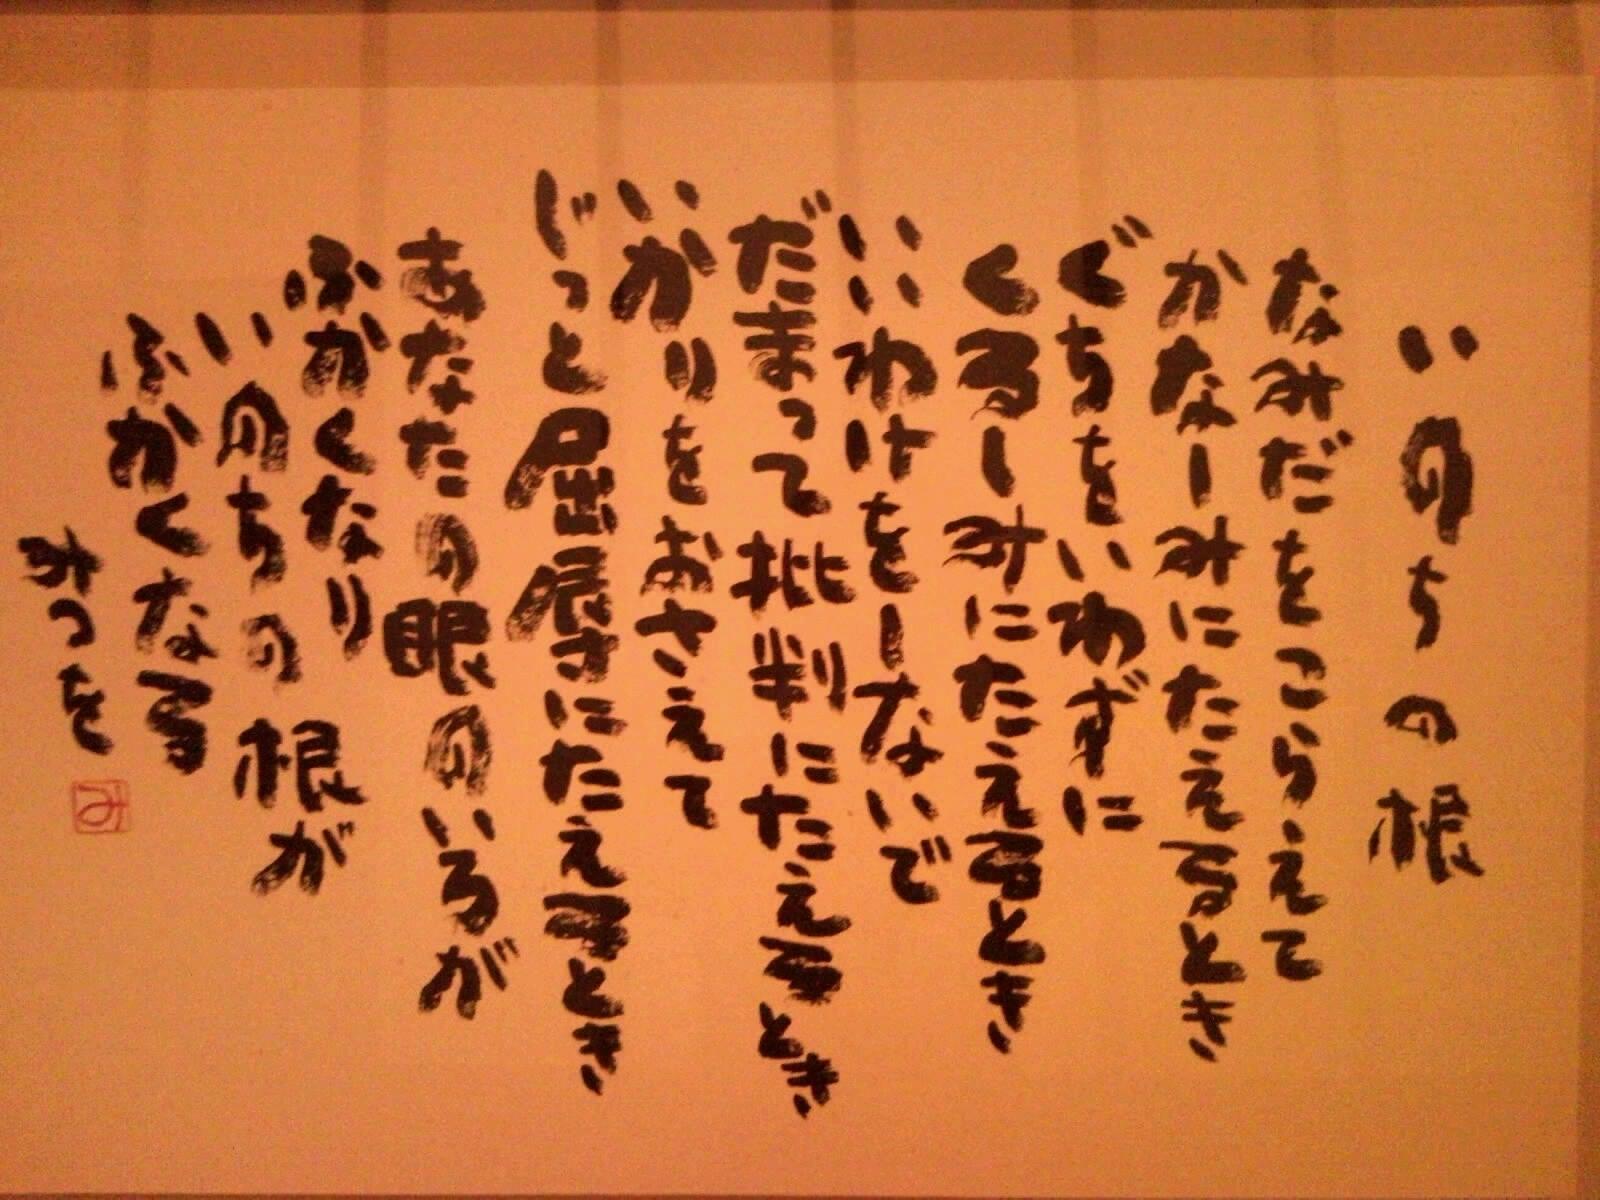 181001 相田みつをさん 徒然に 50 何にも欲しがらぬとき まめ助